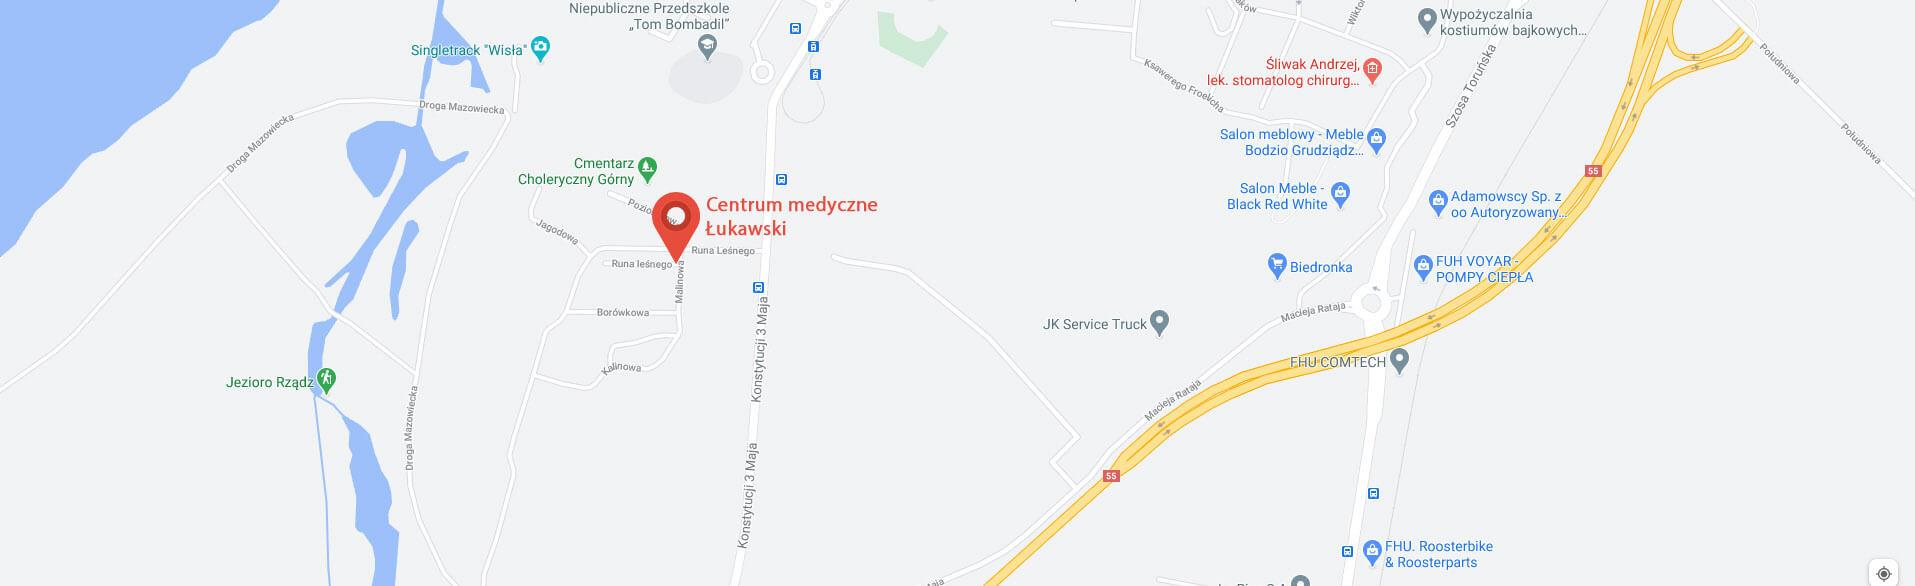 Centrum medyczne łukawski dojazd